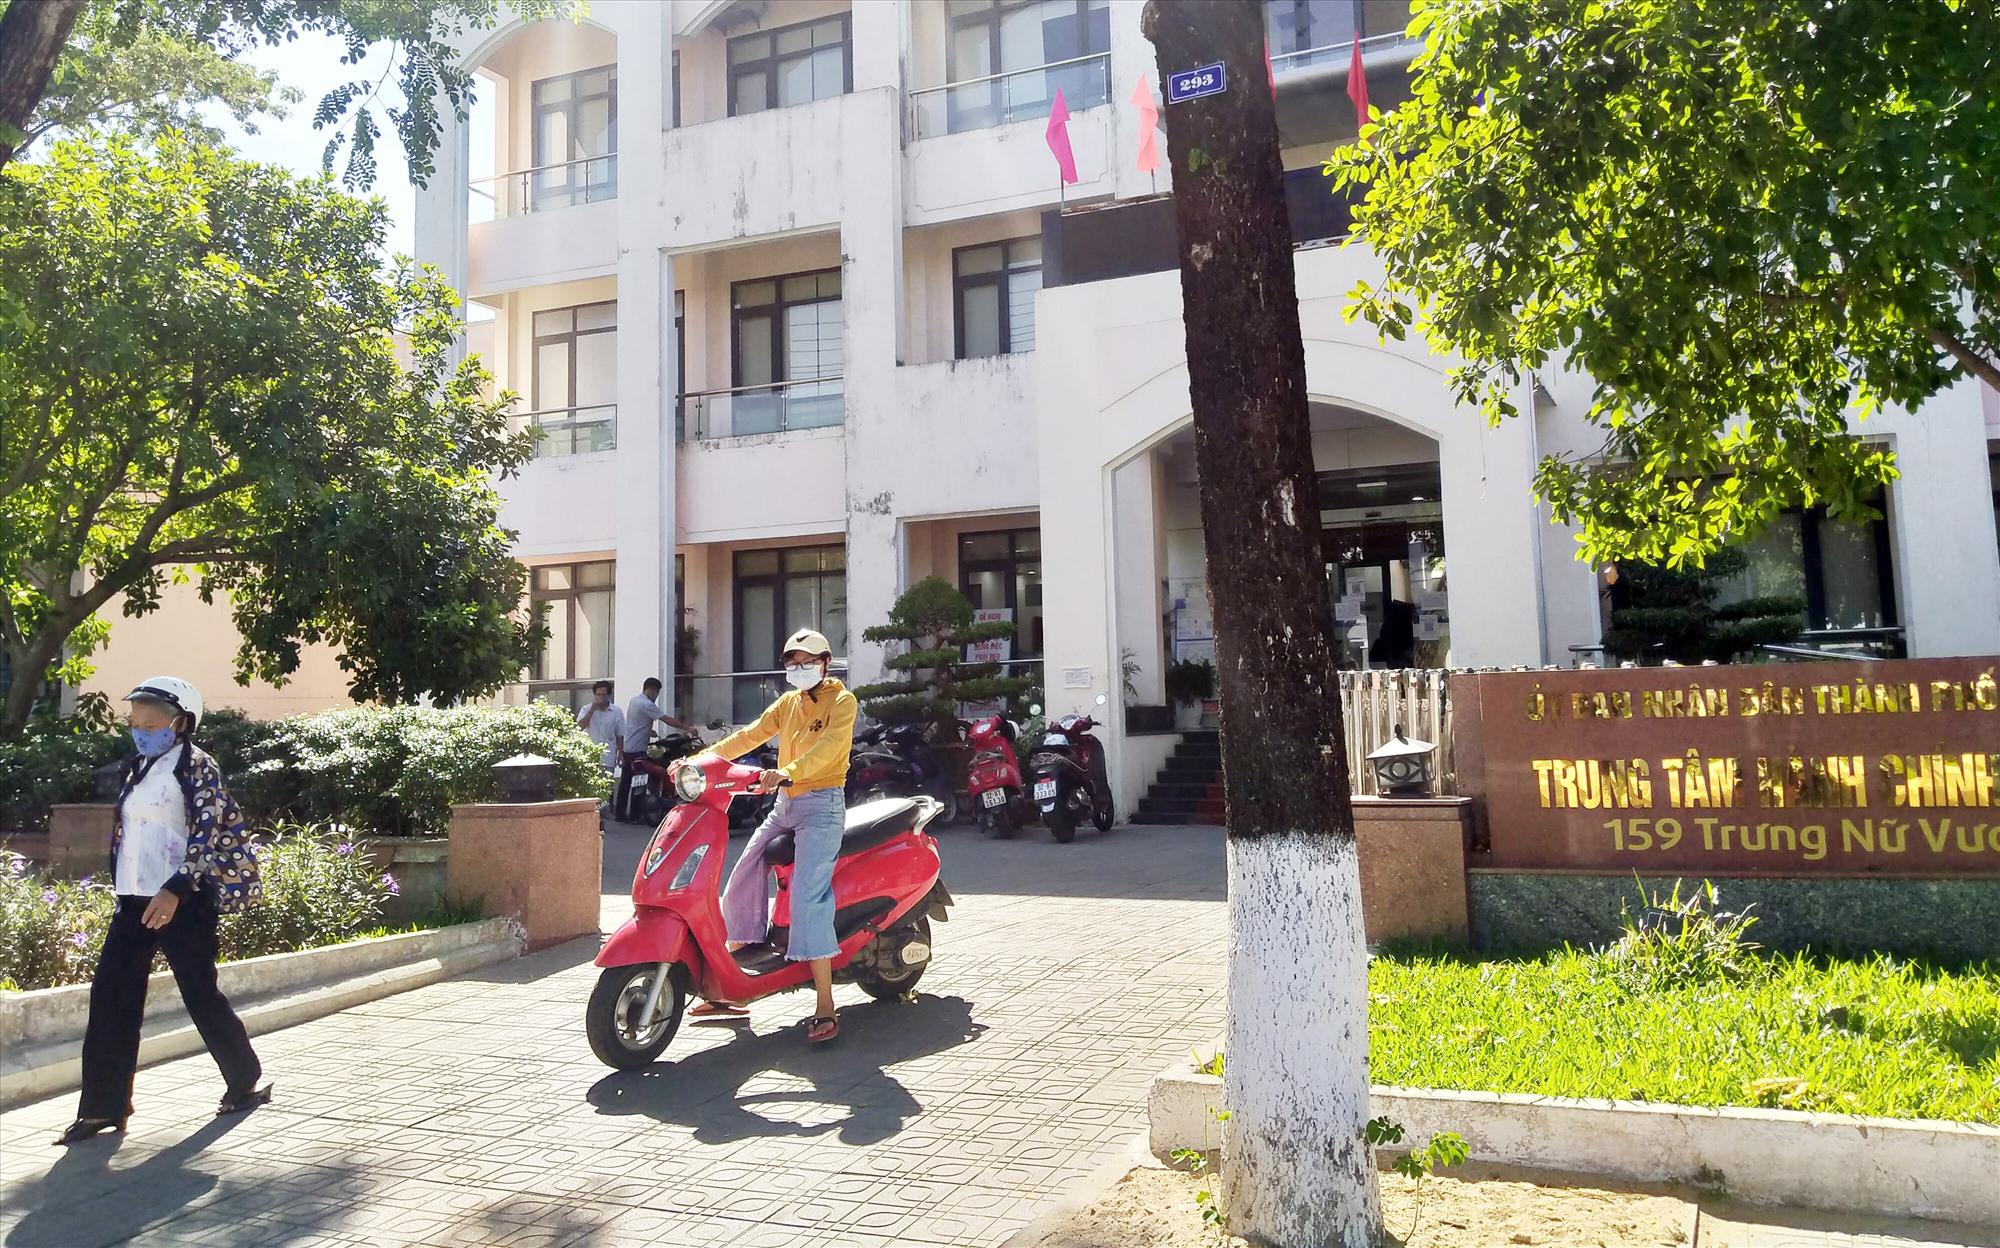 Đầu năm 2018, Trung tâm Hành chính công thành phố Tam Kỳ đi vào hoạt động và ngày càng đáp ứng tốt yêu cầu giải quyết thủ tục hành chính của tổ chức và công dân. Ảnh: N.Đ